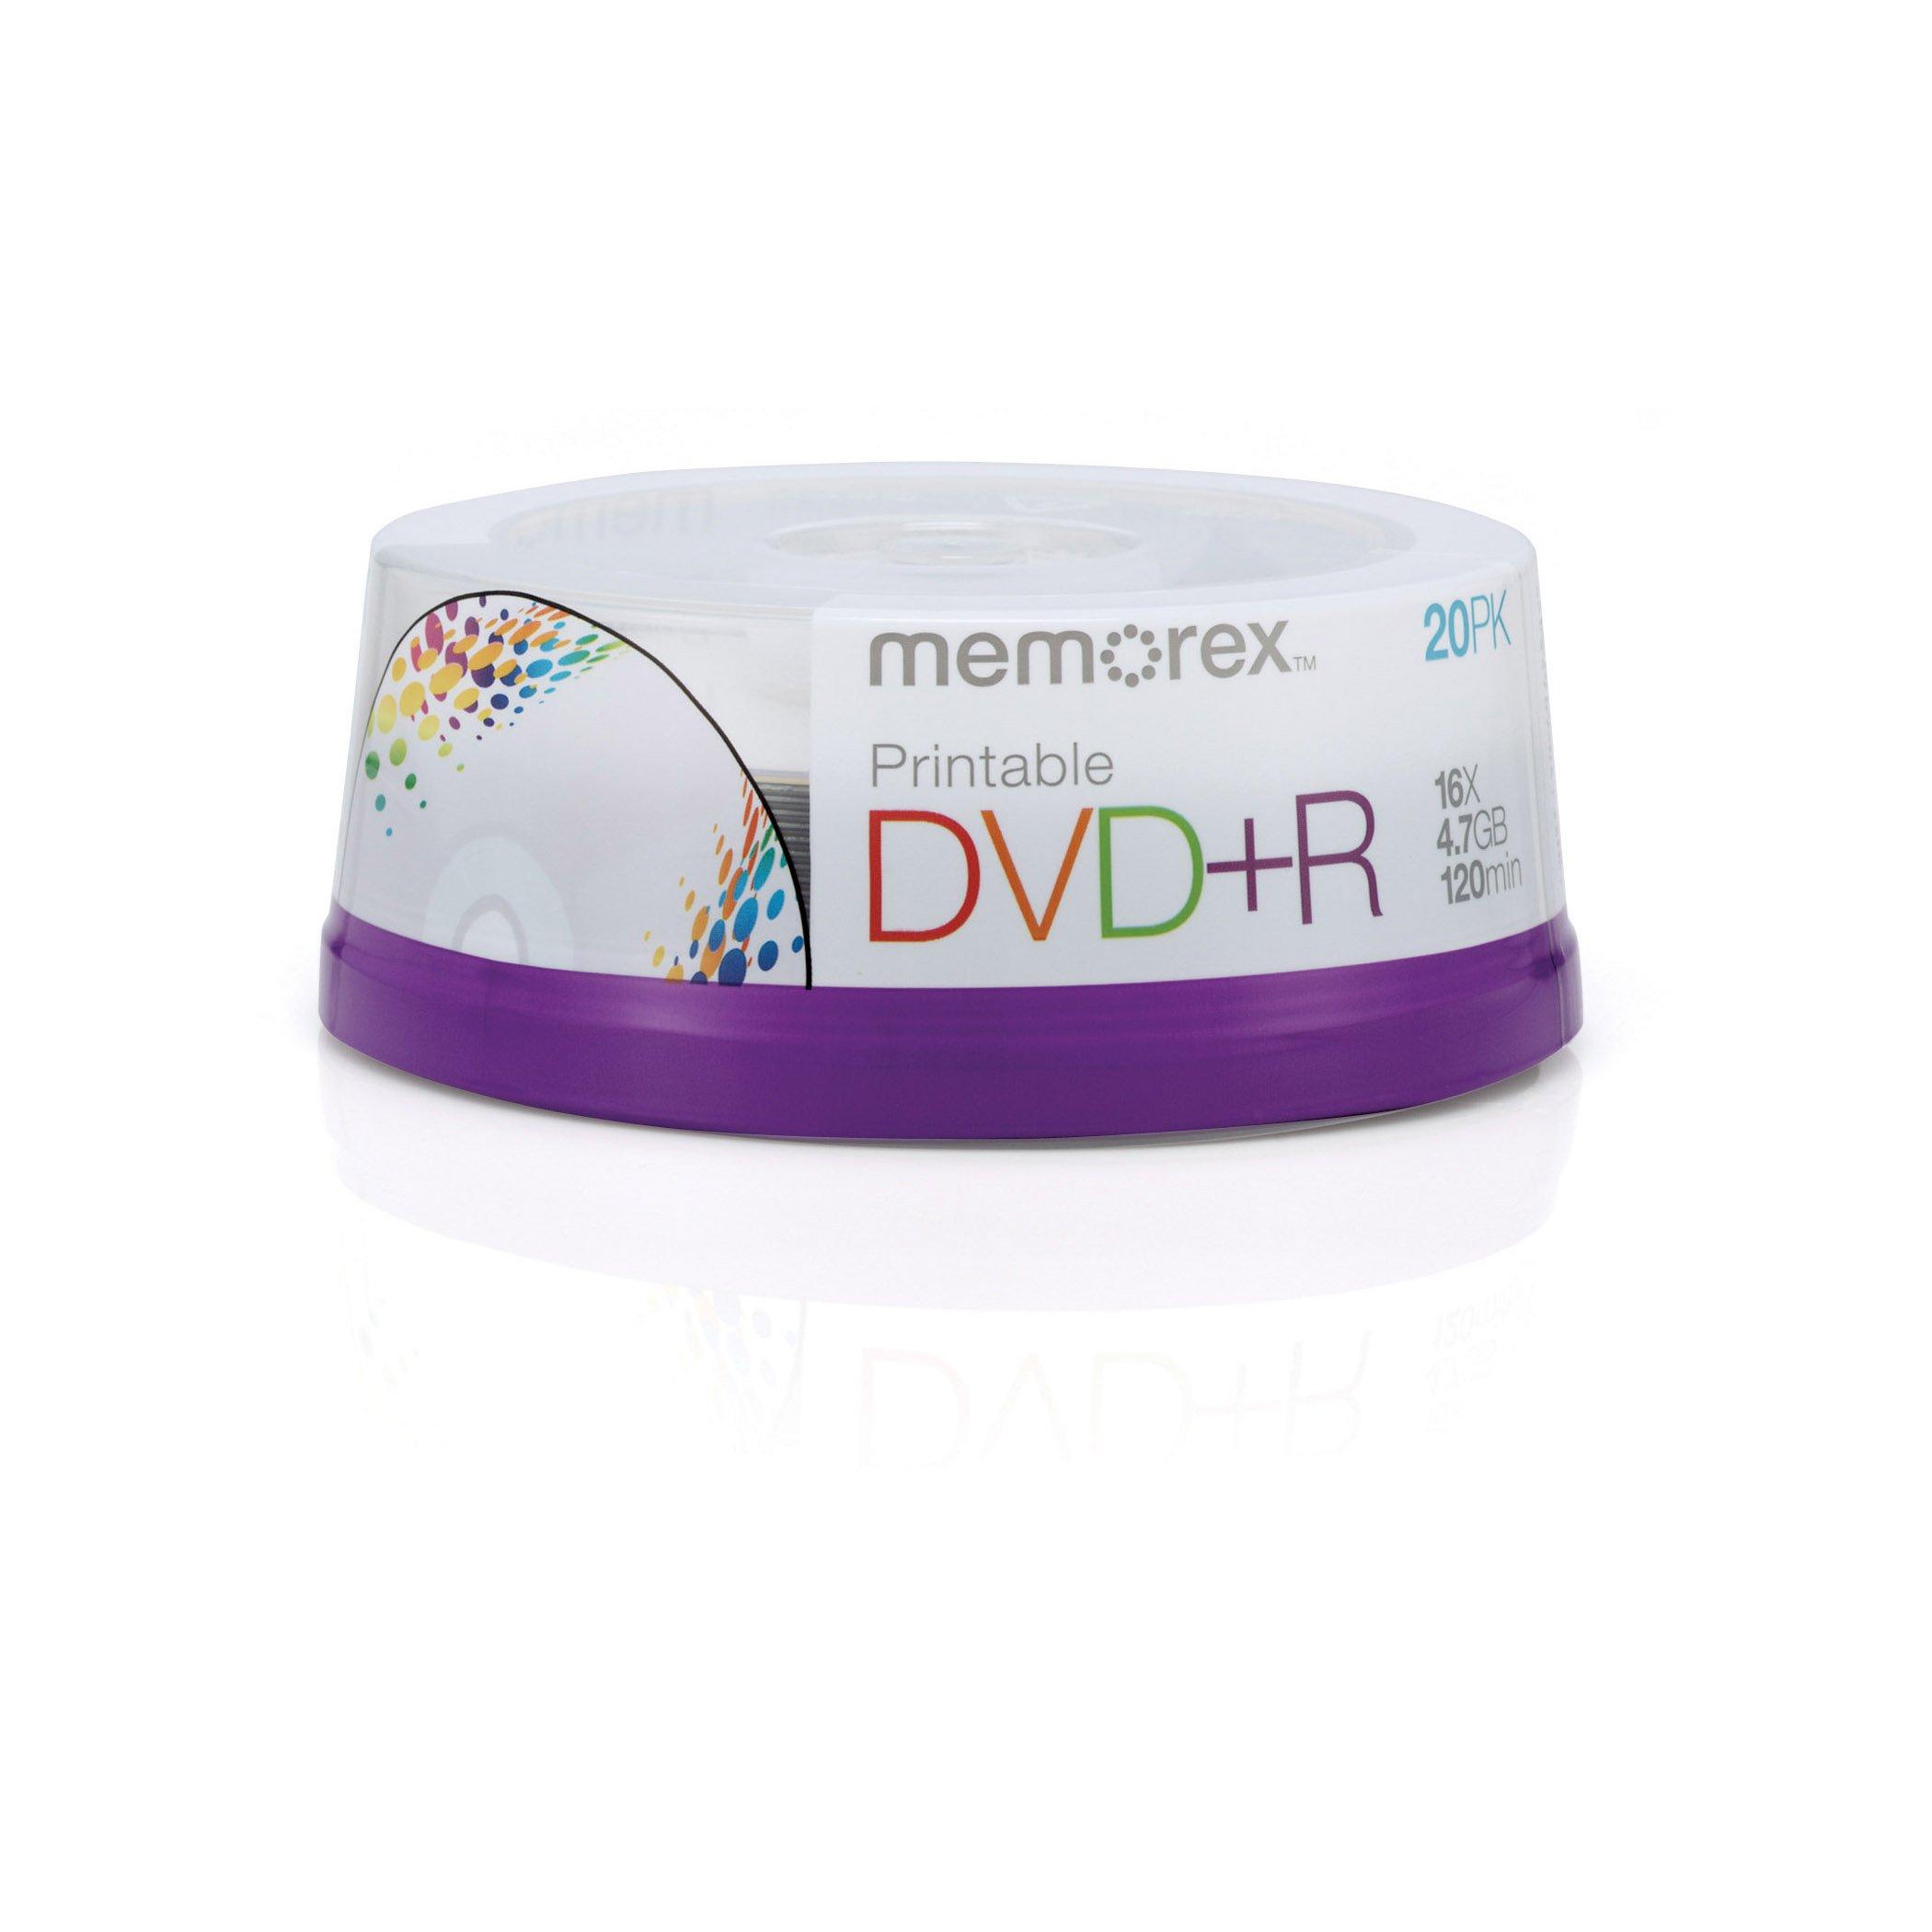 Memorex DVD+R 16x 4.7GB 20 Pack Spindle Printable